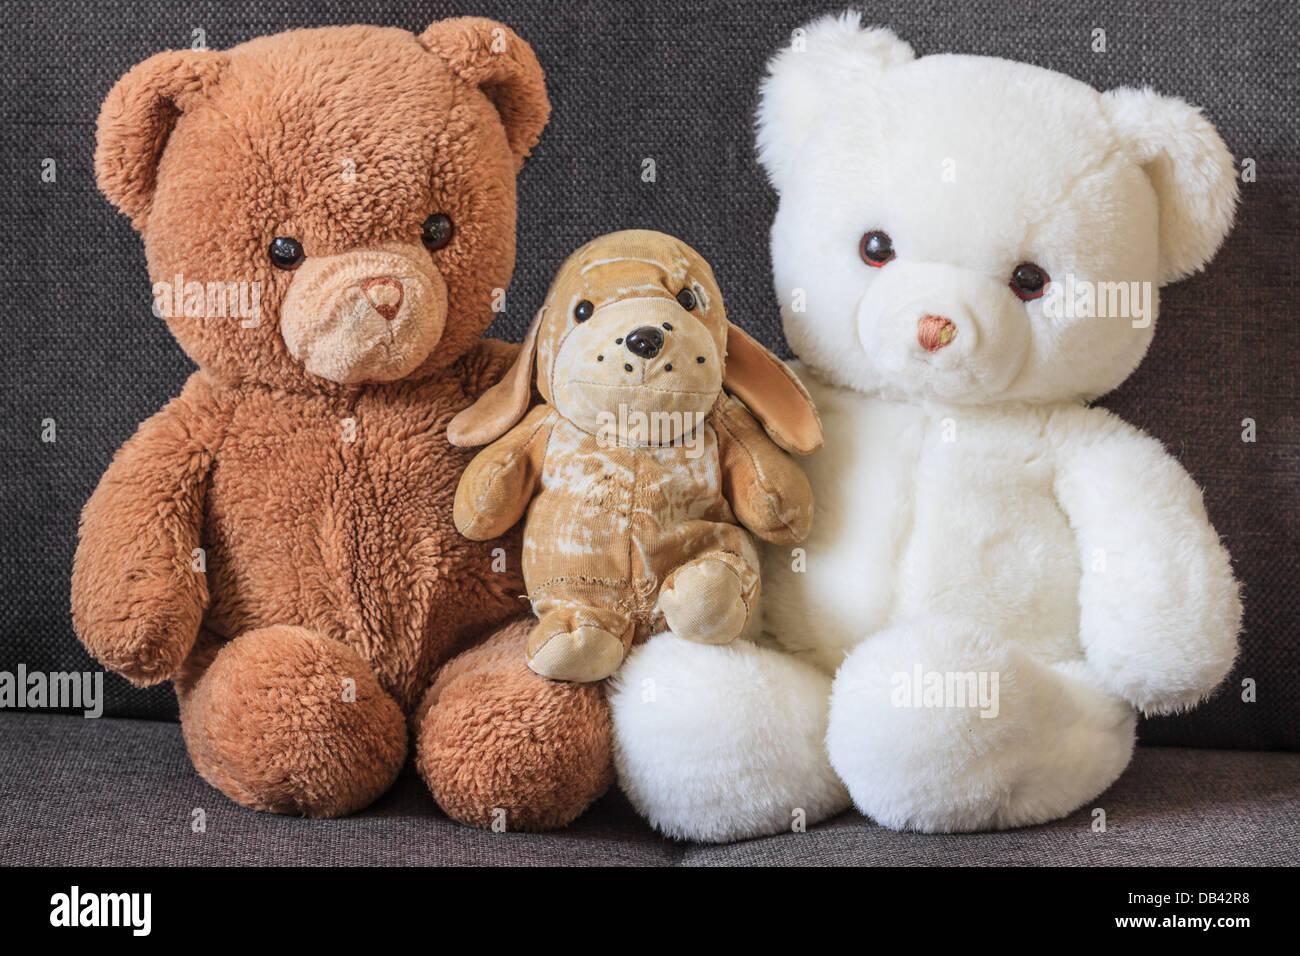 Niedliche alte Teddybären und Hund auf Couch (3) Stockbild